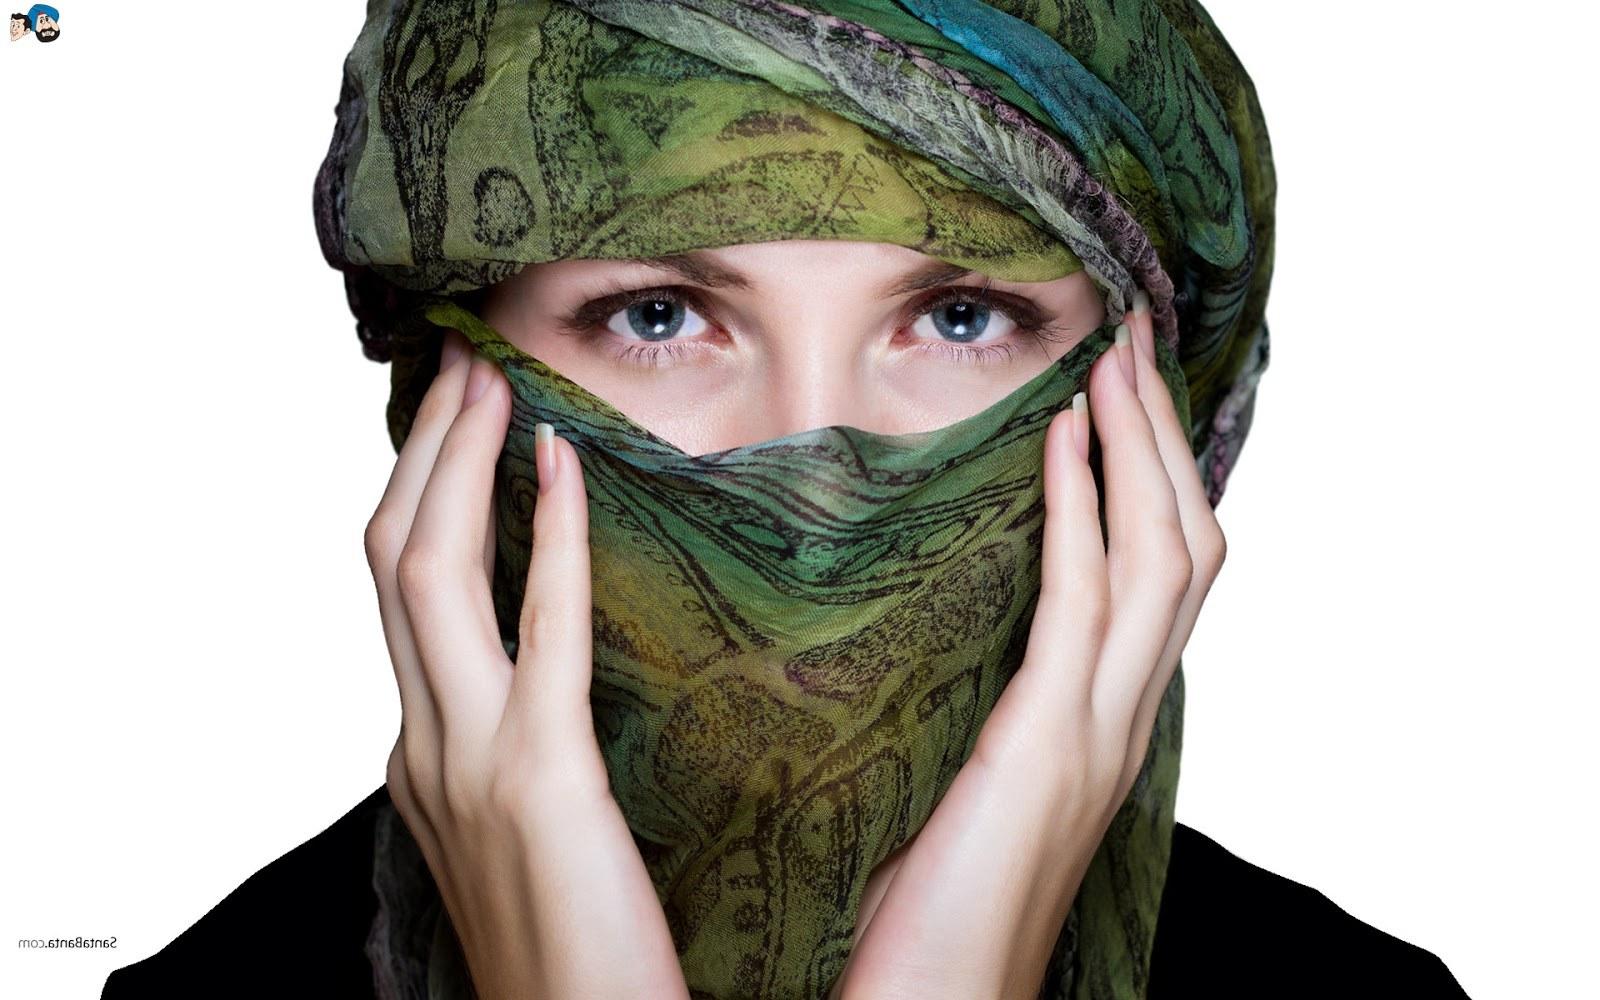 Ide Muslimah Bercadar Dwdk Koleksi Wallpaper Wanita Muslimah Bercadar Fauzi Blog